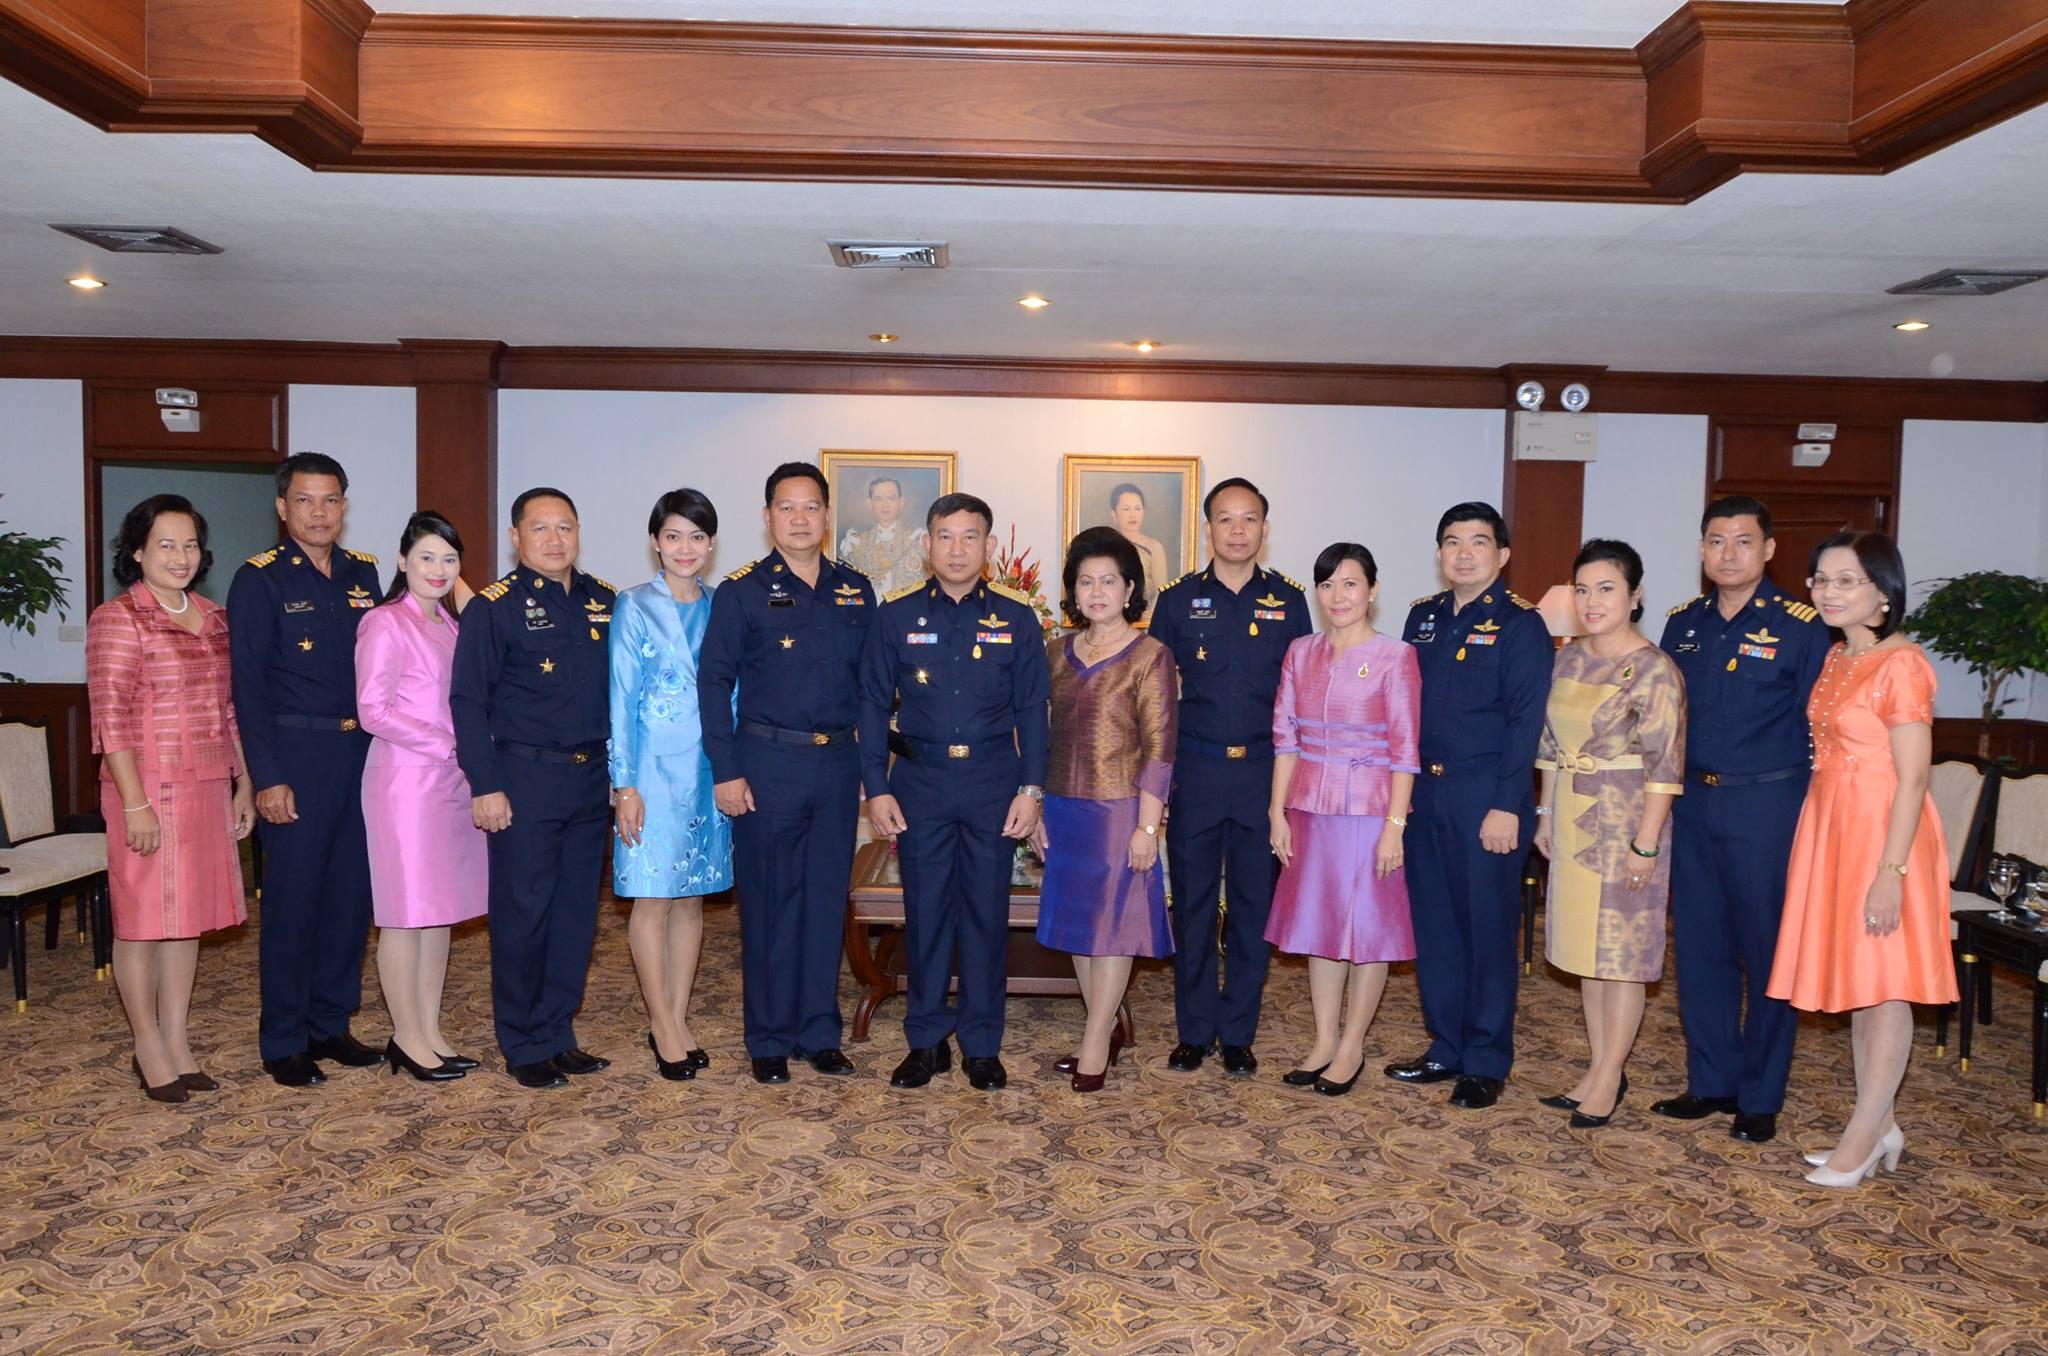 เยี่ยมอำลาไปปฏิบัติหน้าที่ของผู้ช่วยทูตทหารอากาศไทยและภริยา